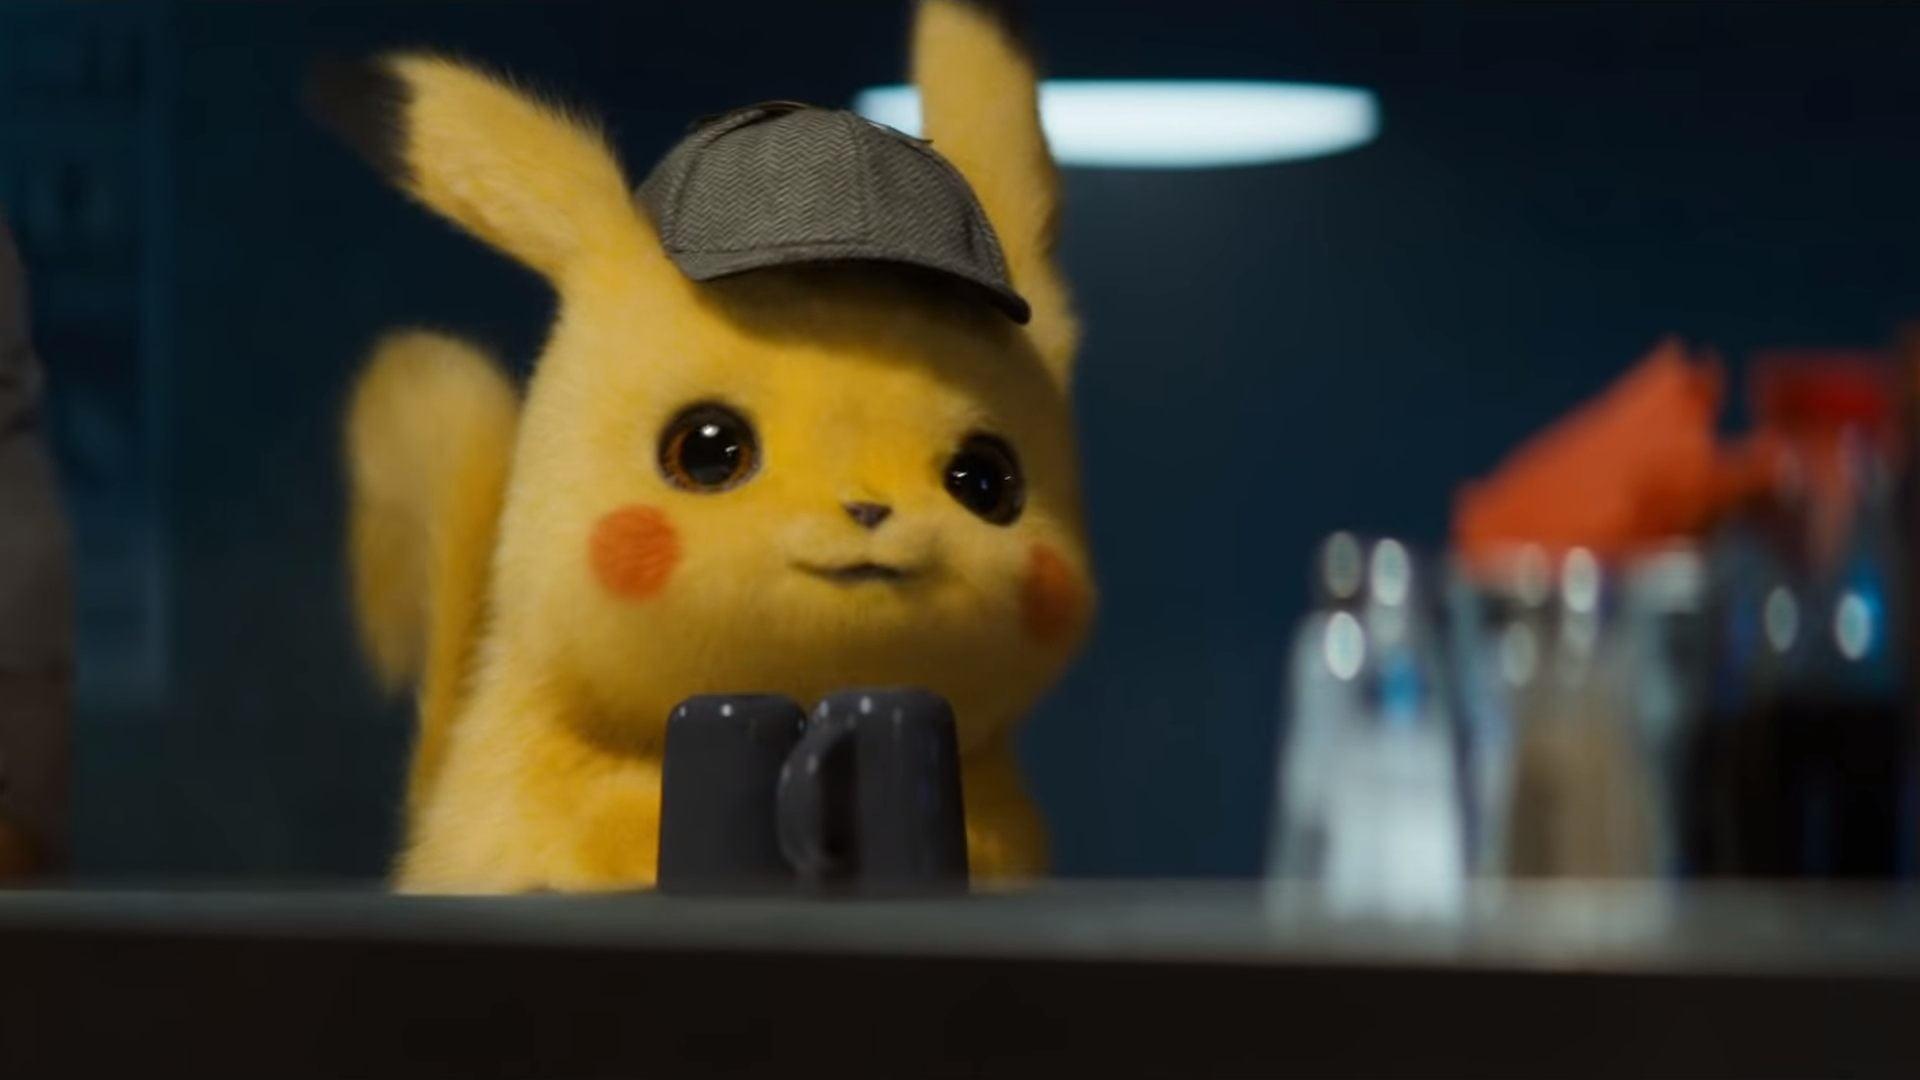 Awesome Pokemon Detective Pikachu Wallpaper Hd Wallpaper